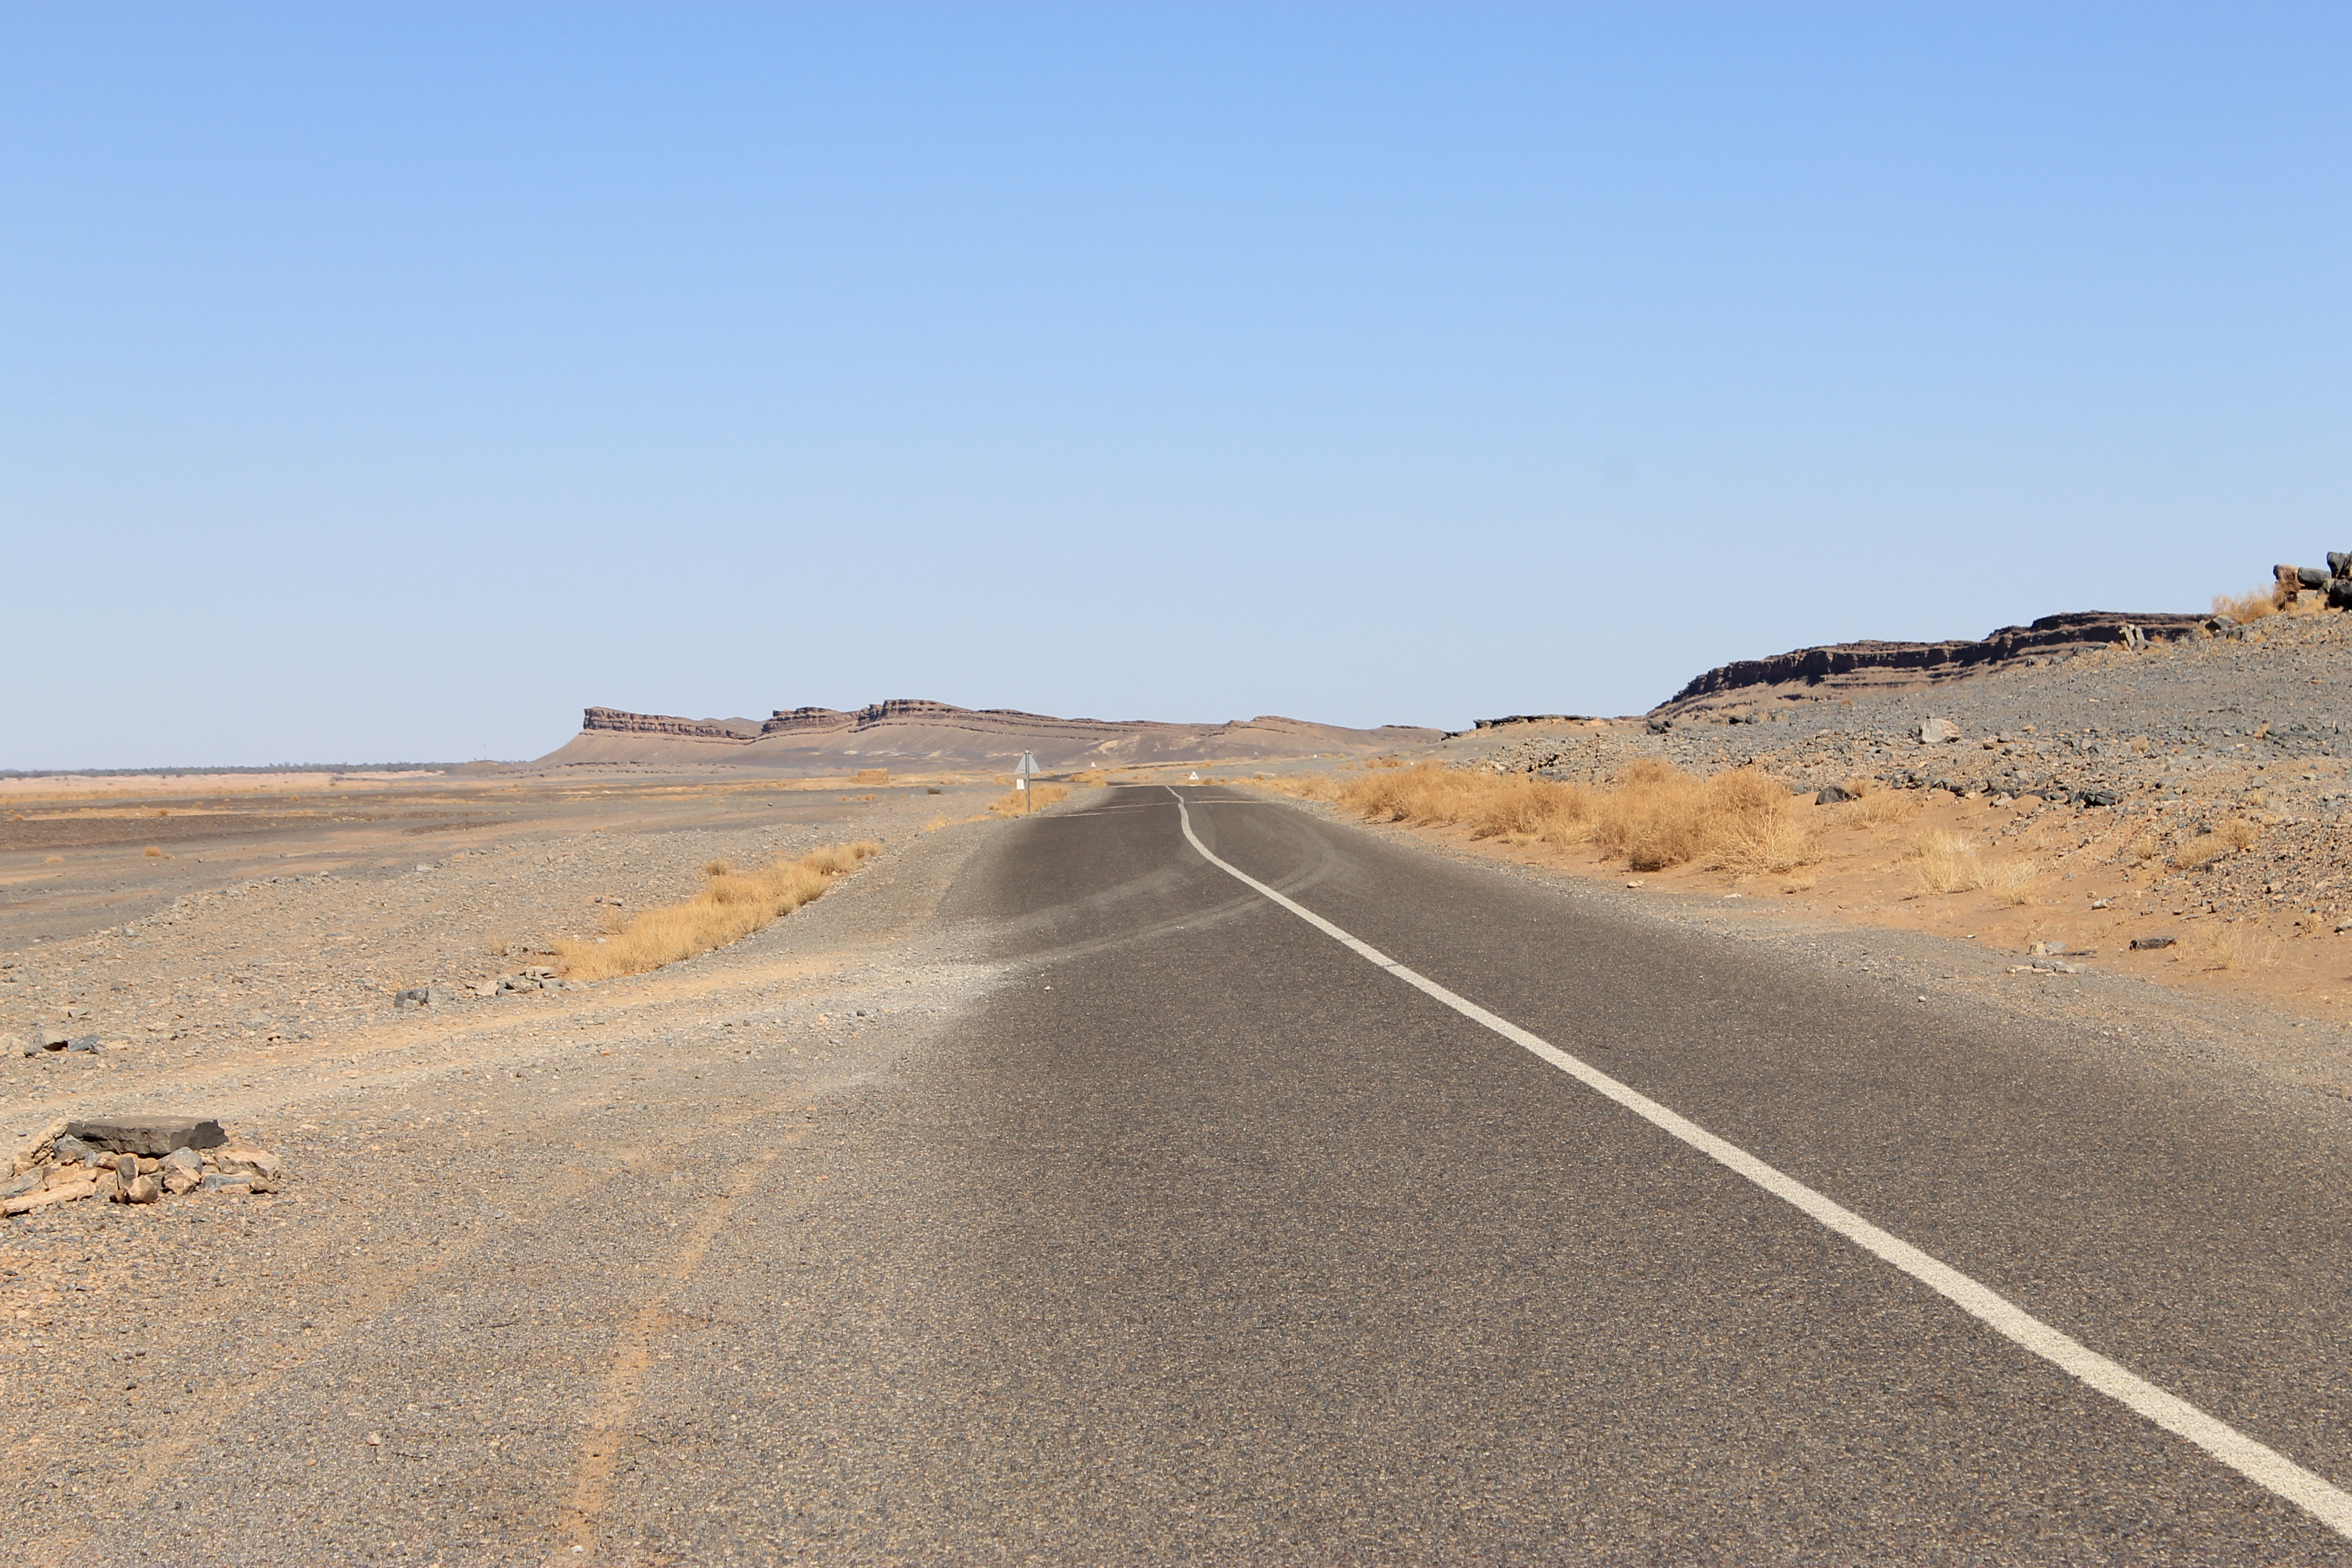 Une route dans le sud marocain